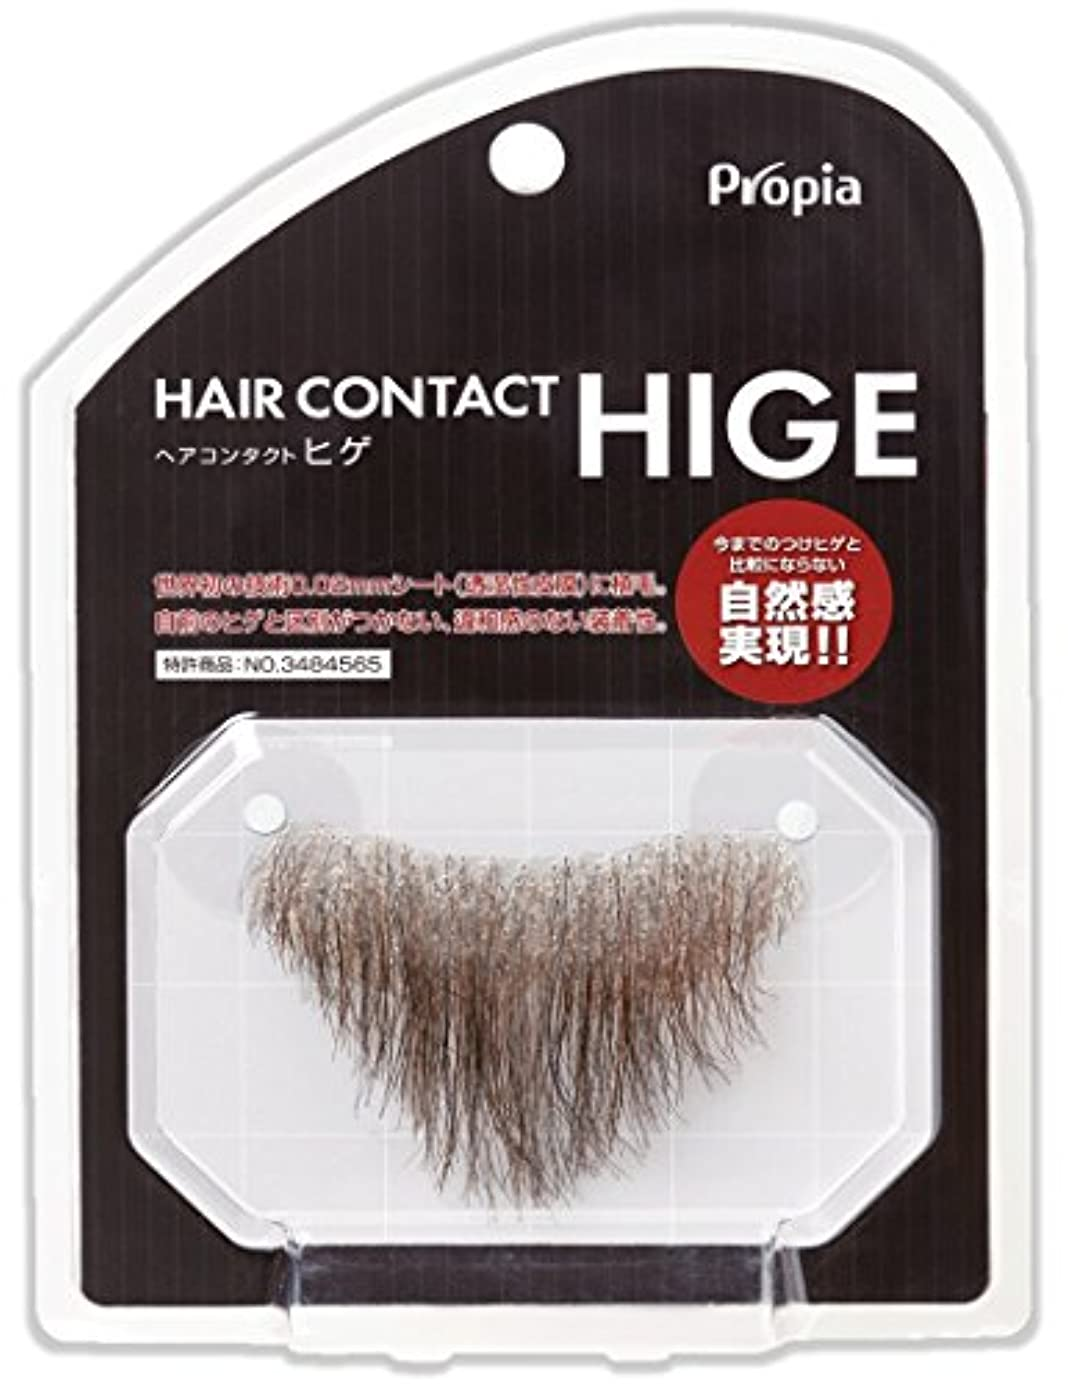 マオリ経験者魔術HAIR CONTACT HIGE アゴヒゲ カール